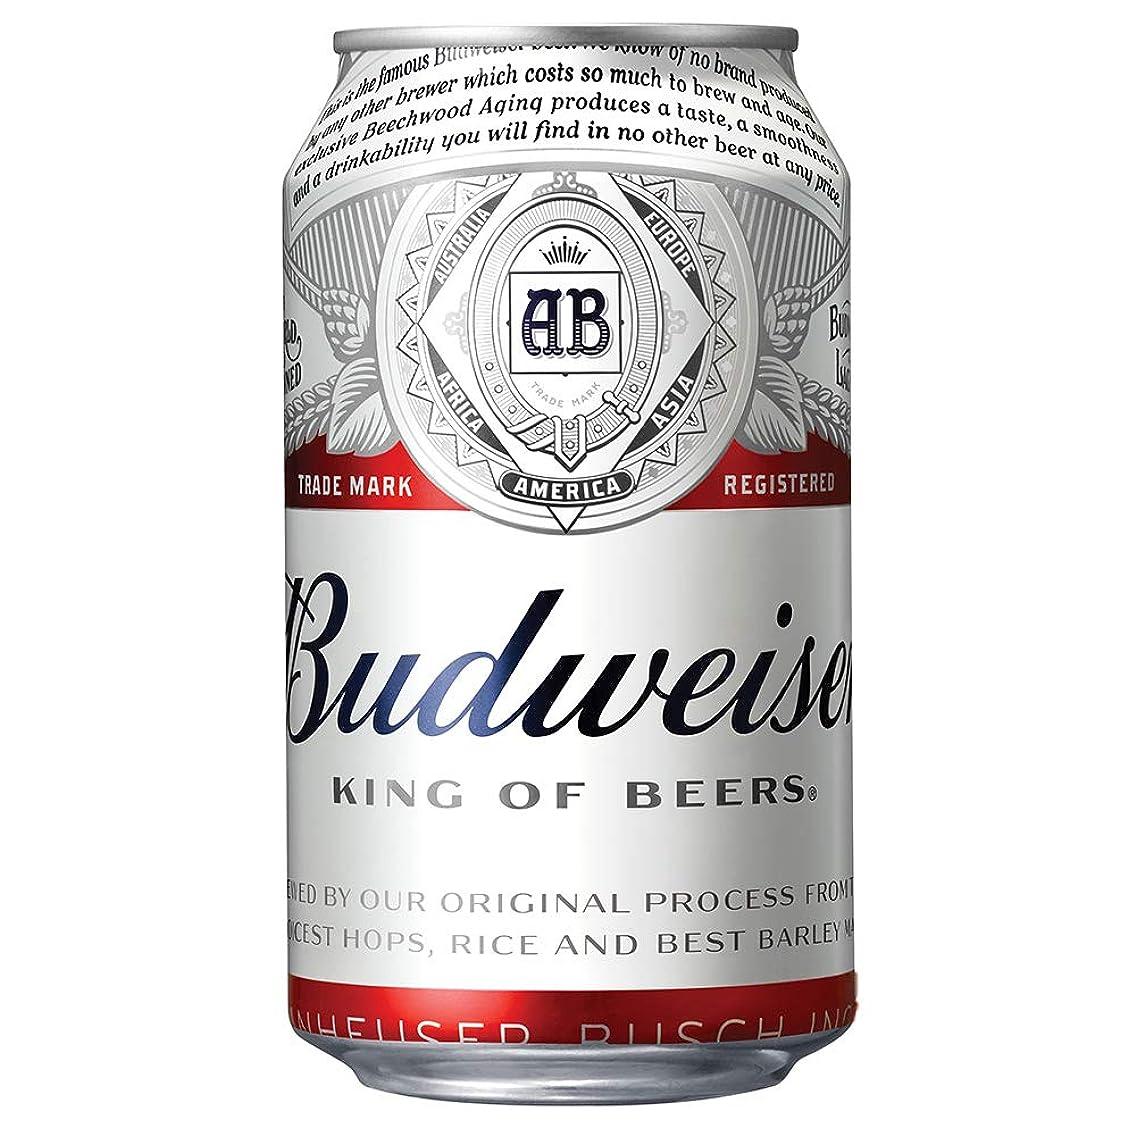 マイコン葬儀巨大バドワイザー ビール 355ml缶 [ ラガータイプ アメリカ 355ml×24本 ]